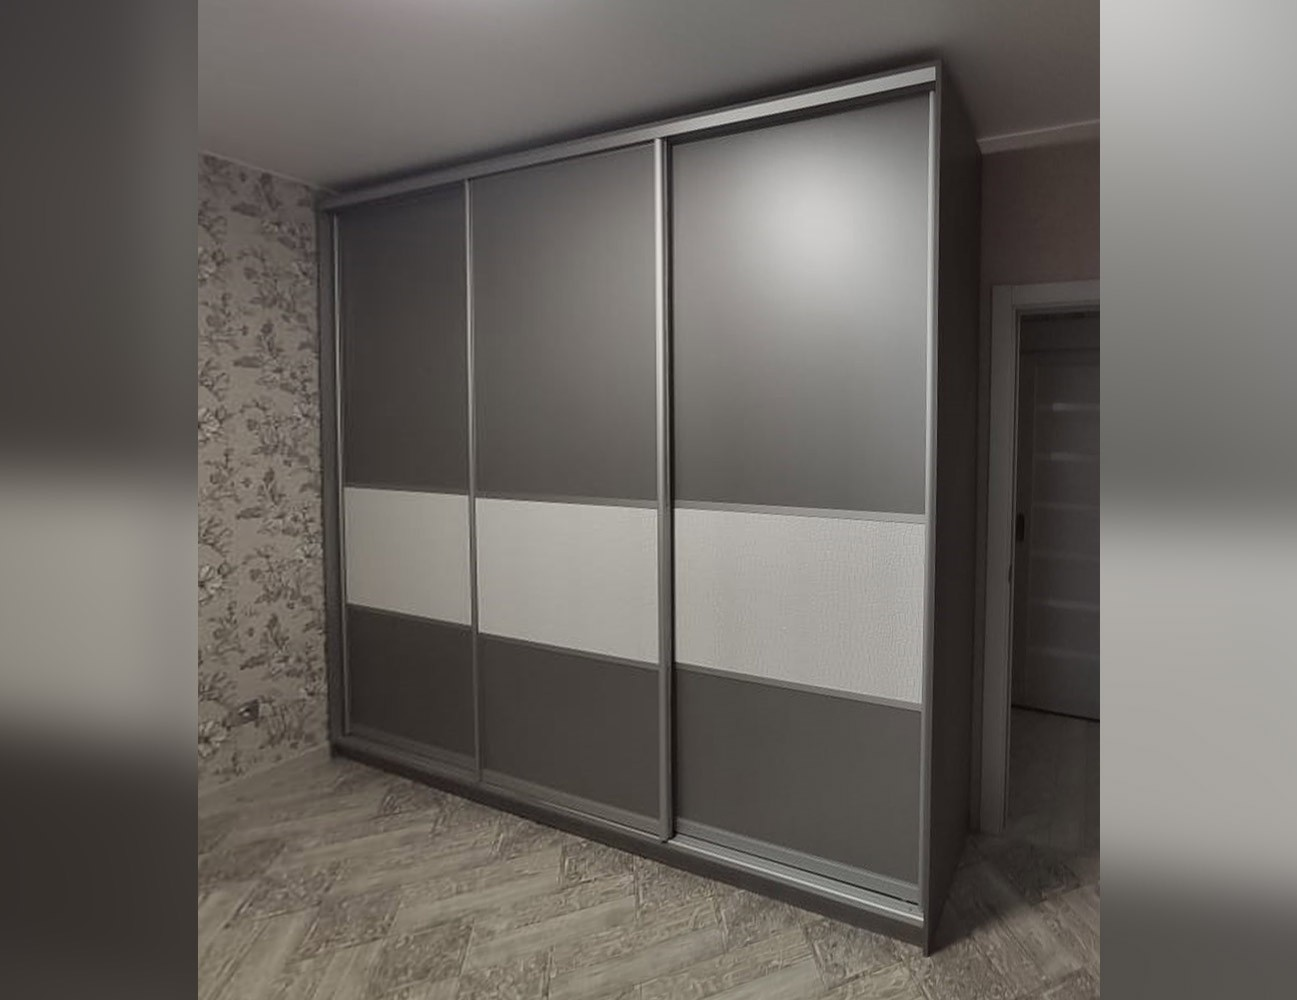 Шкаф-купе с 3 комбинированными фасадами